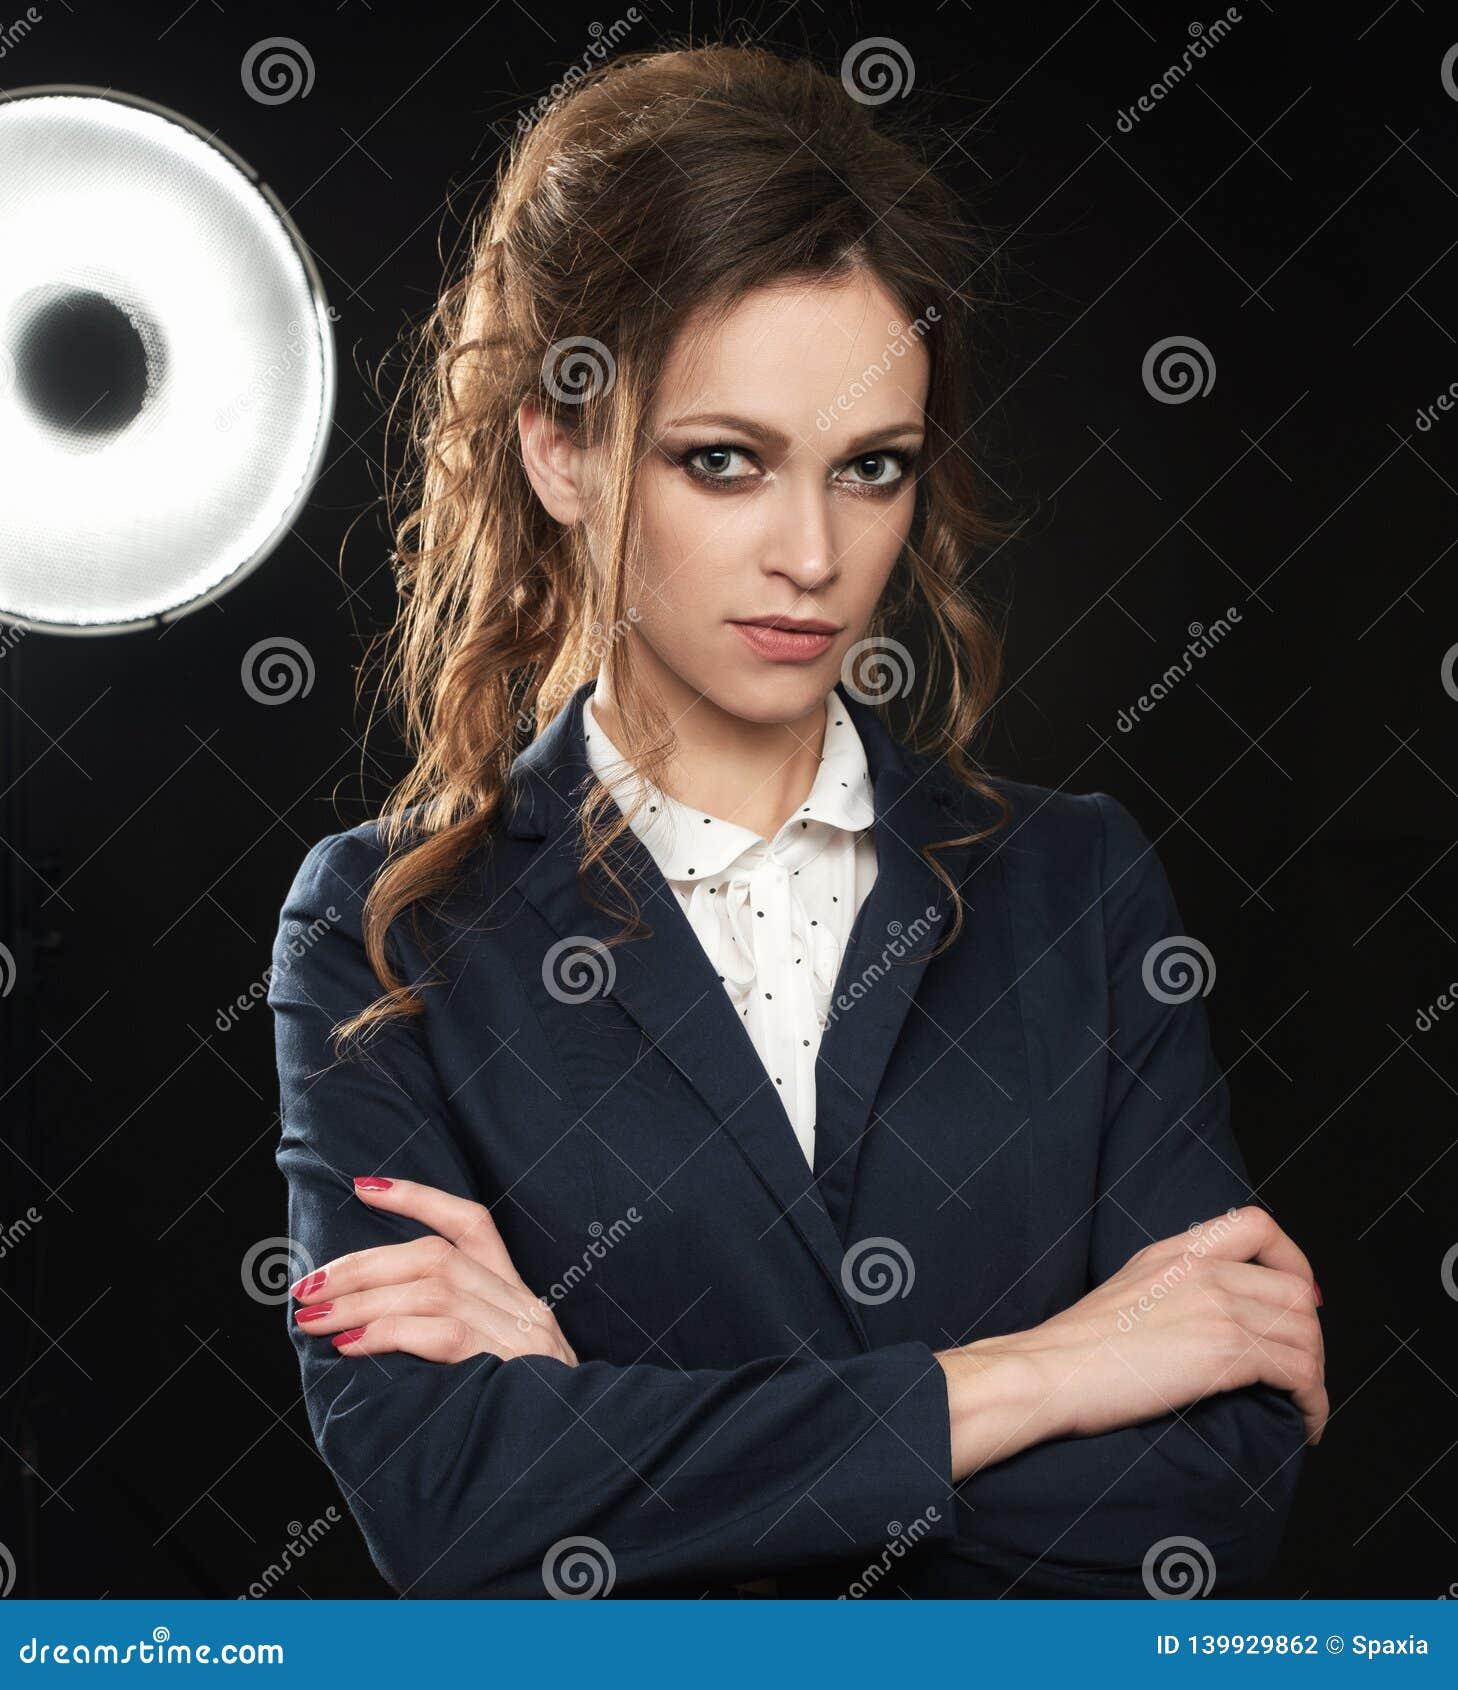 Retrato do estúdio de uma mulher bonita com cabelo encaracolado